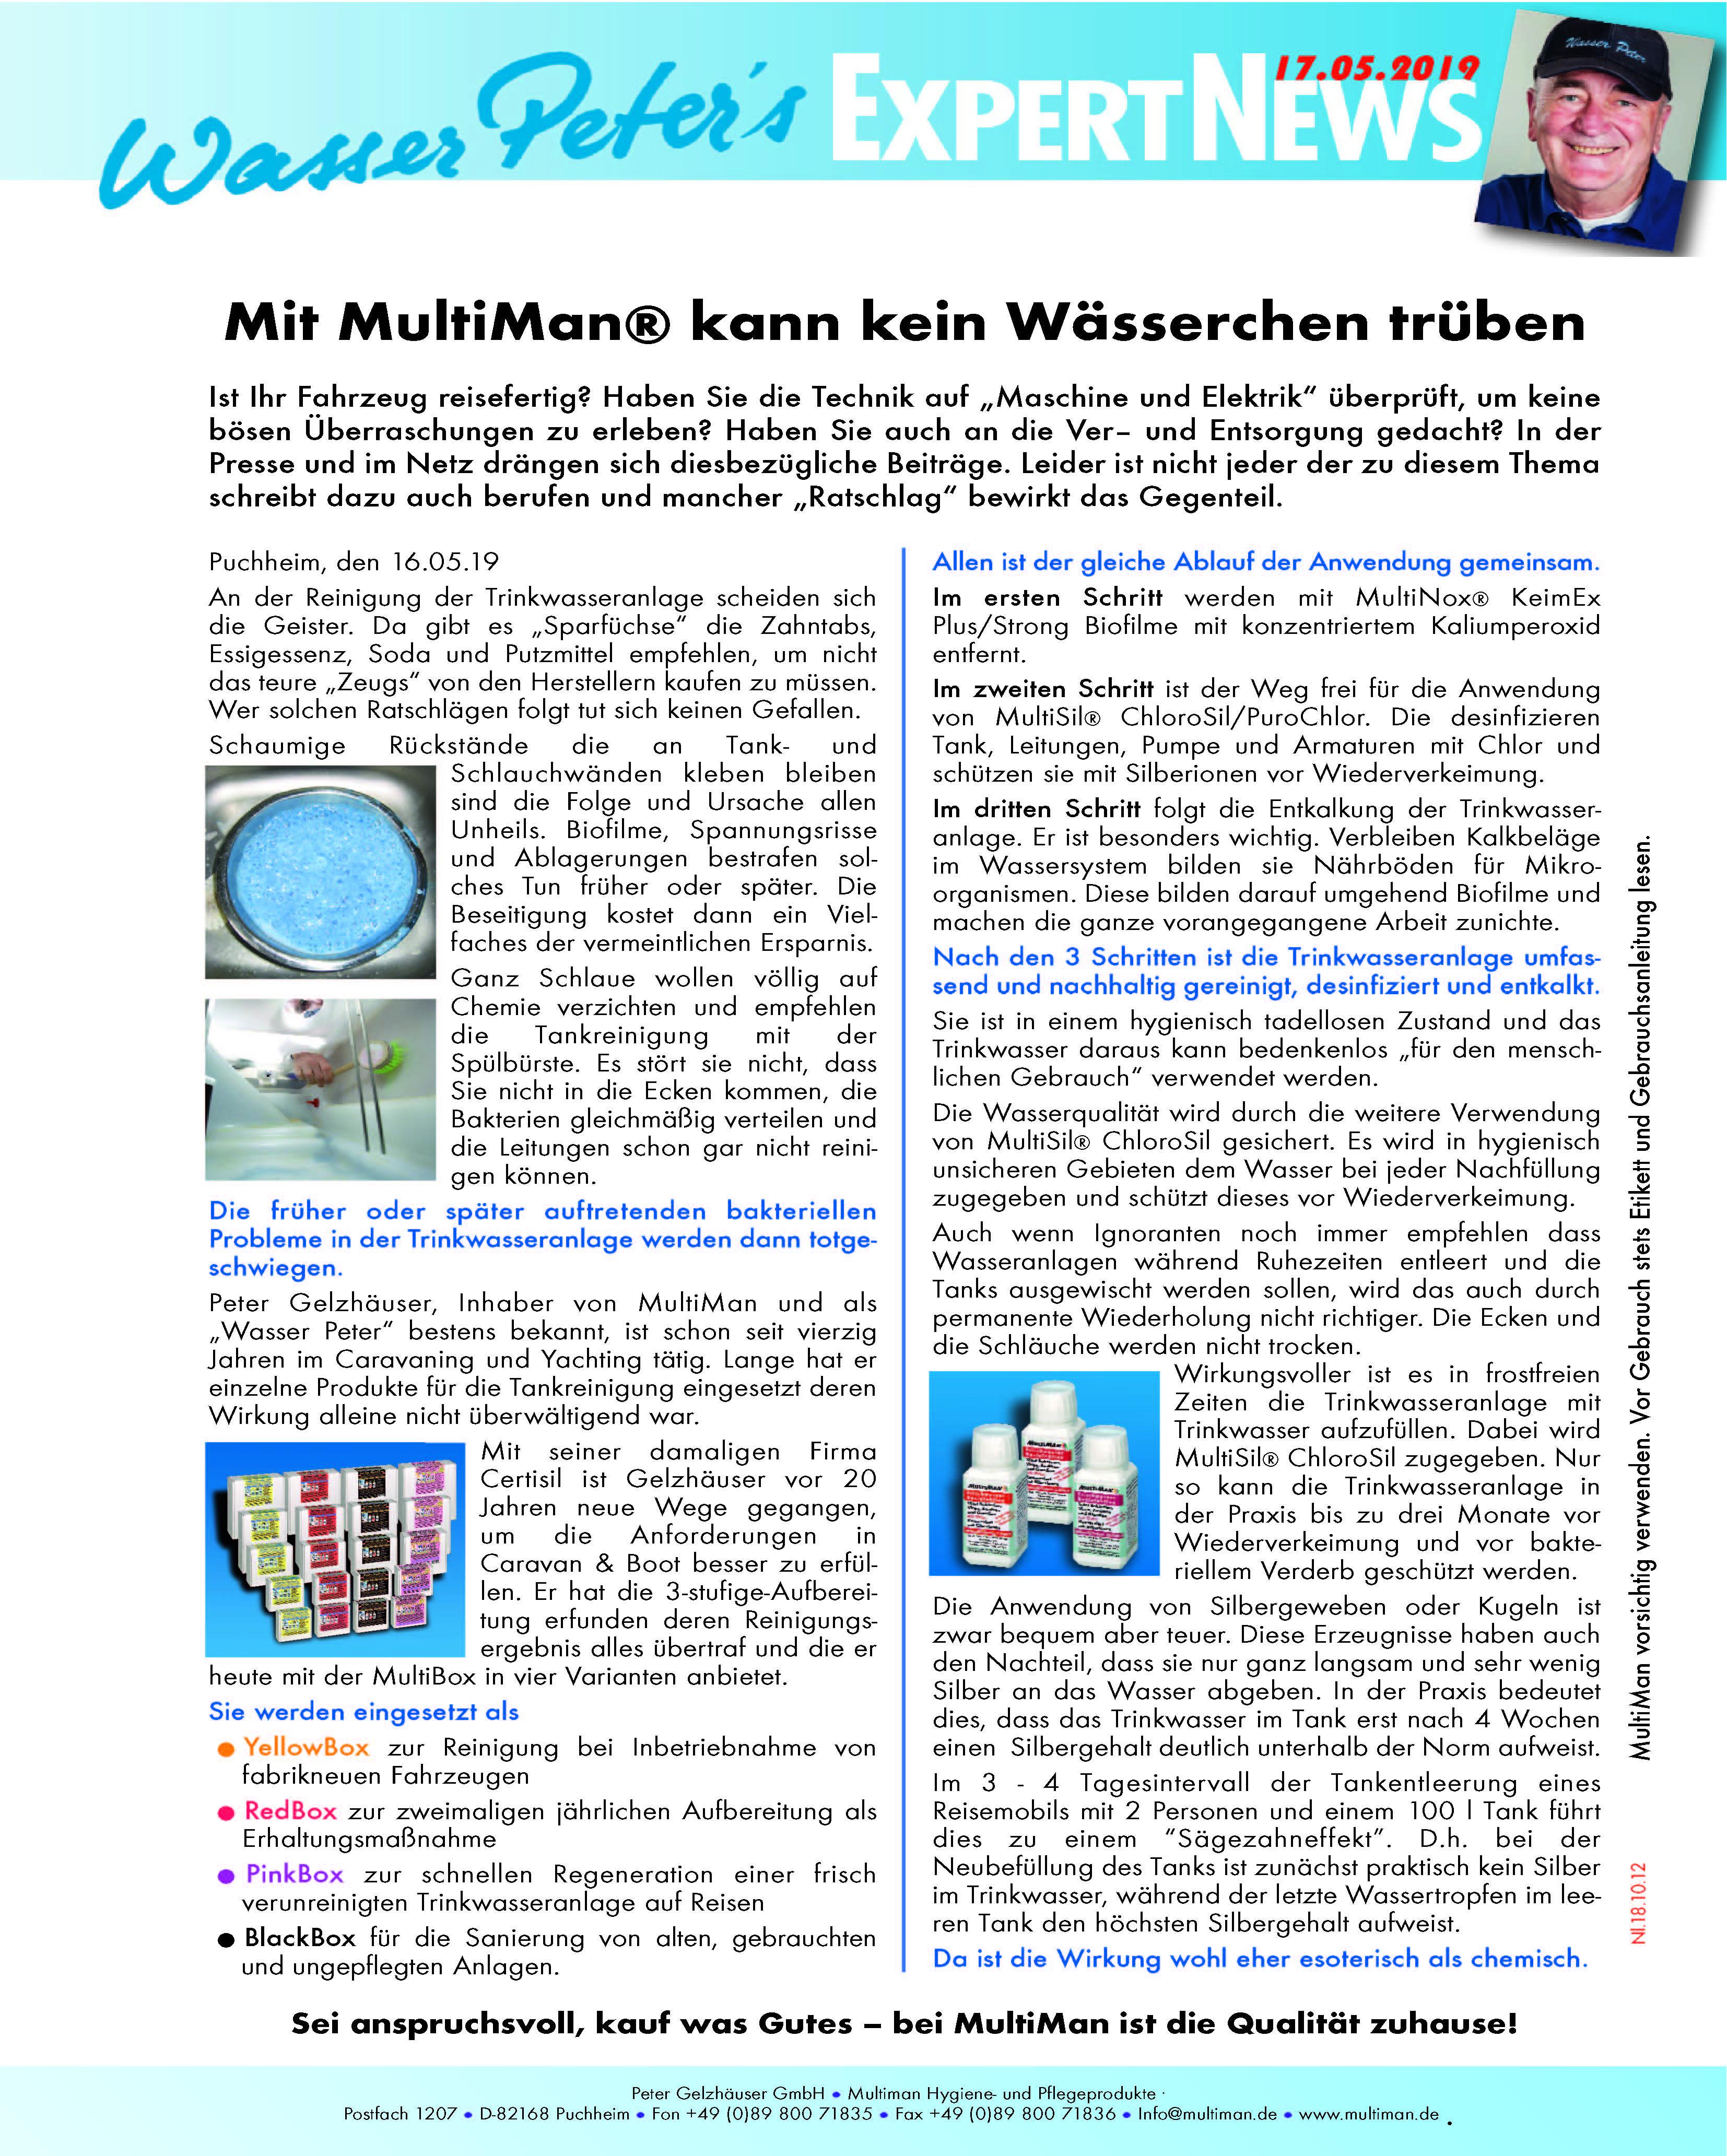 NL-19-05-17-W-sserchen-tr-ben_PT-Man-MRE-11-12-qxd_HQ_Seite_1